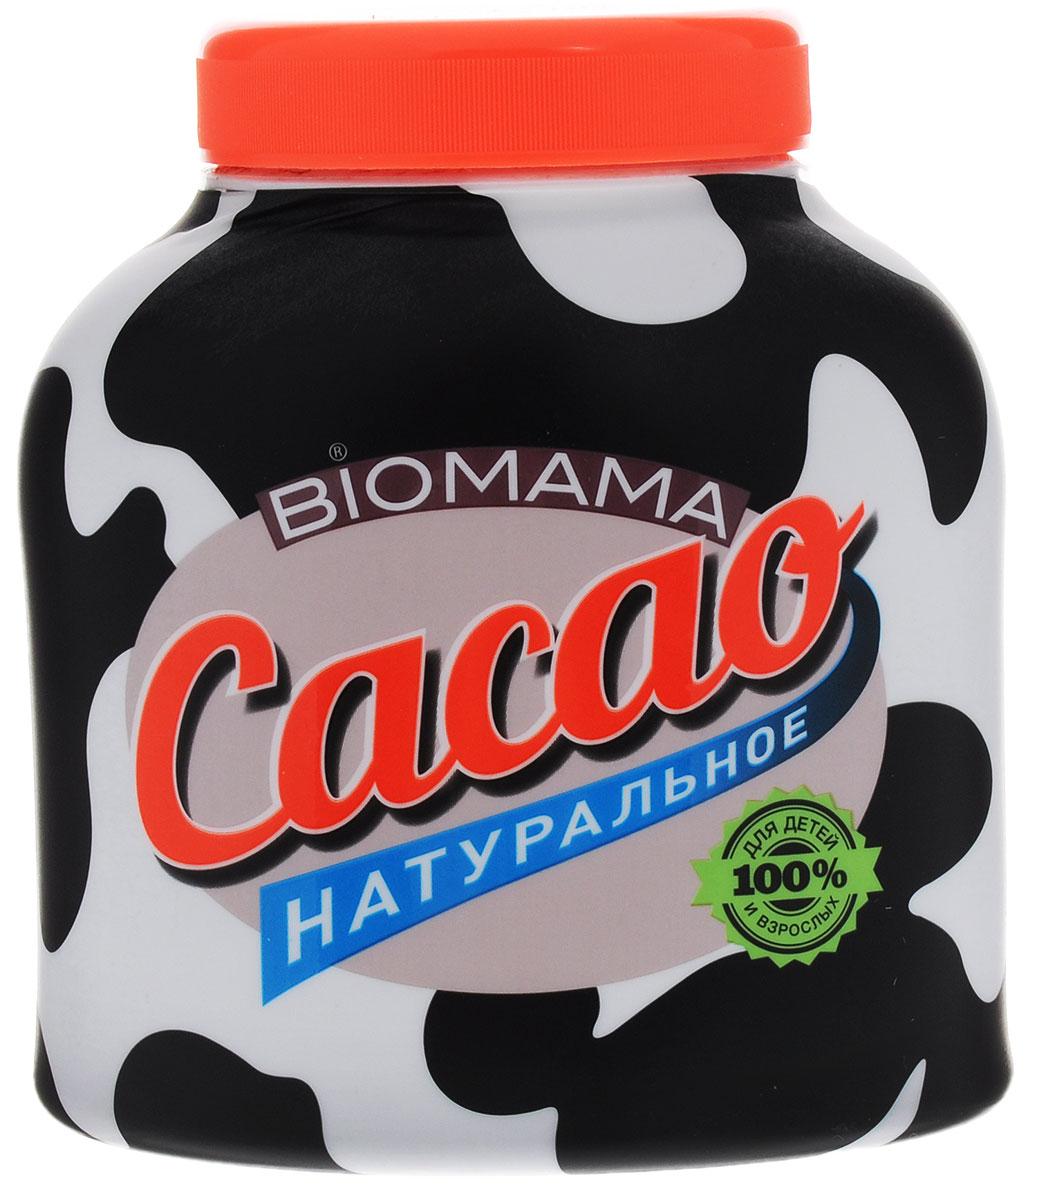 Biomama какао-напиток растворимый гранулированный, 250 г122403Biomama — это вкусный и полезный какао, приготовленный из отборных бобов Сriollo, собранных в районе Берега Слоновой Кости. Какао Biomama создан специально для детей и их мам, которые заботятся об укреплении иммунитета малыша и его полноценном, правильном развитии. В составе какао Biomama — комплекс витаминов, так необходимых для роста ребенка и профилактики вирусных заболеваний. Несложно будет уговорить малыша принять витамины в какао. Лучше всего предлагать Biomama на завтрак или на полдник после дневного сна.